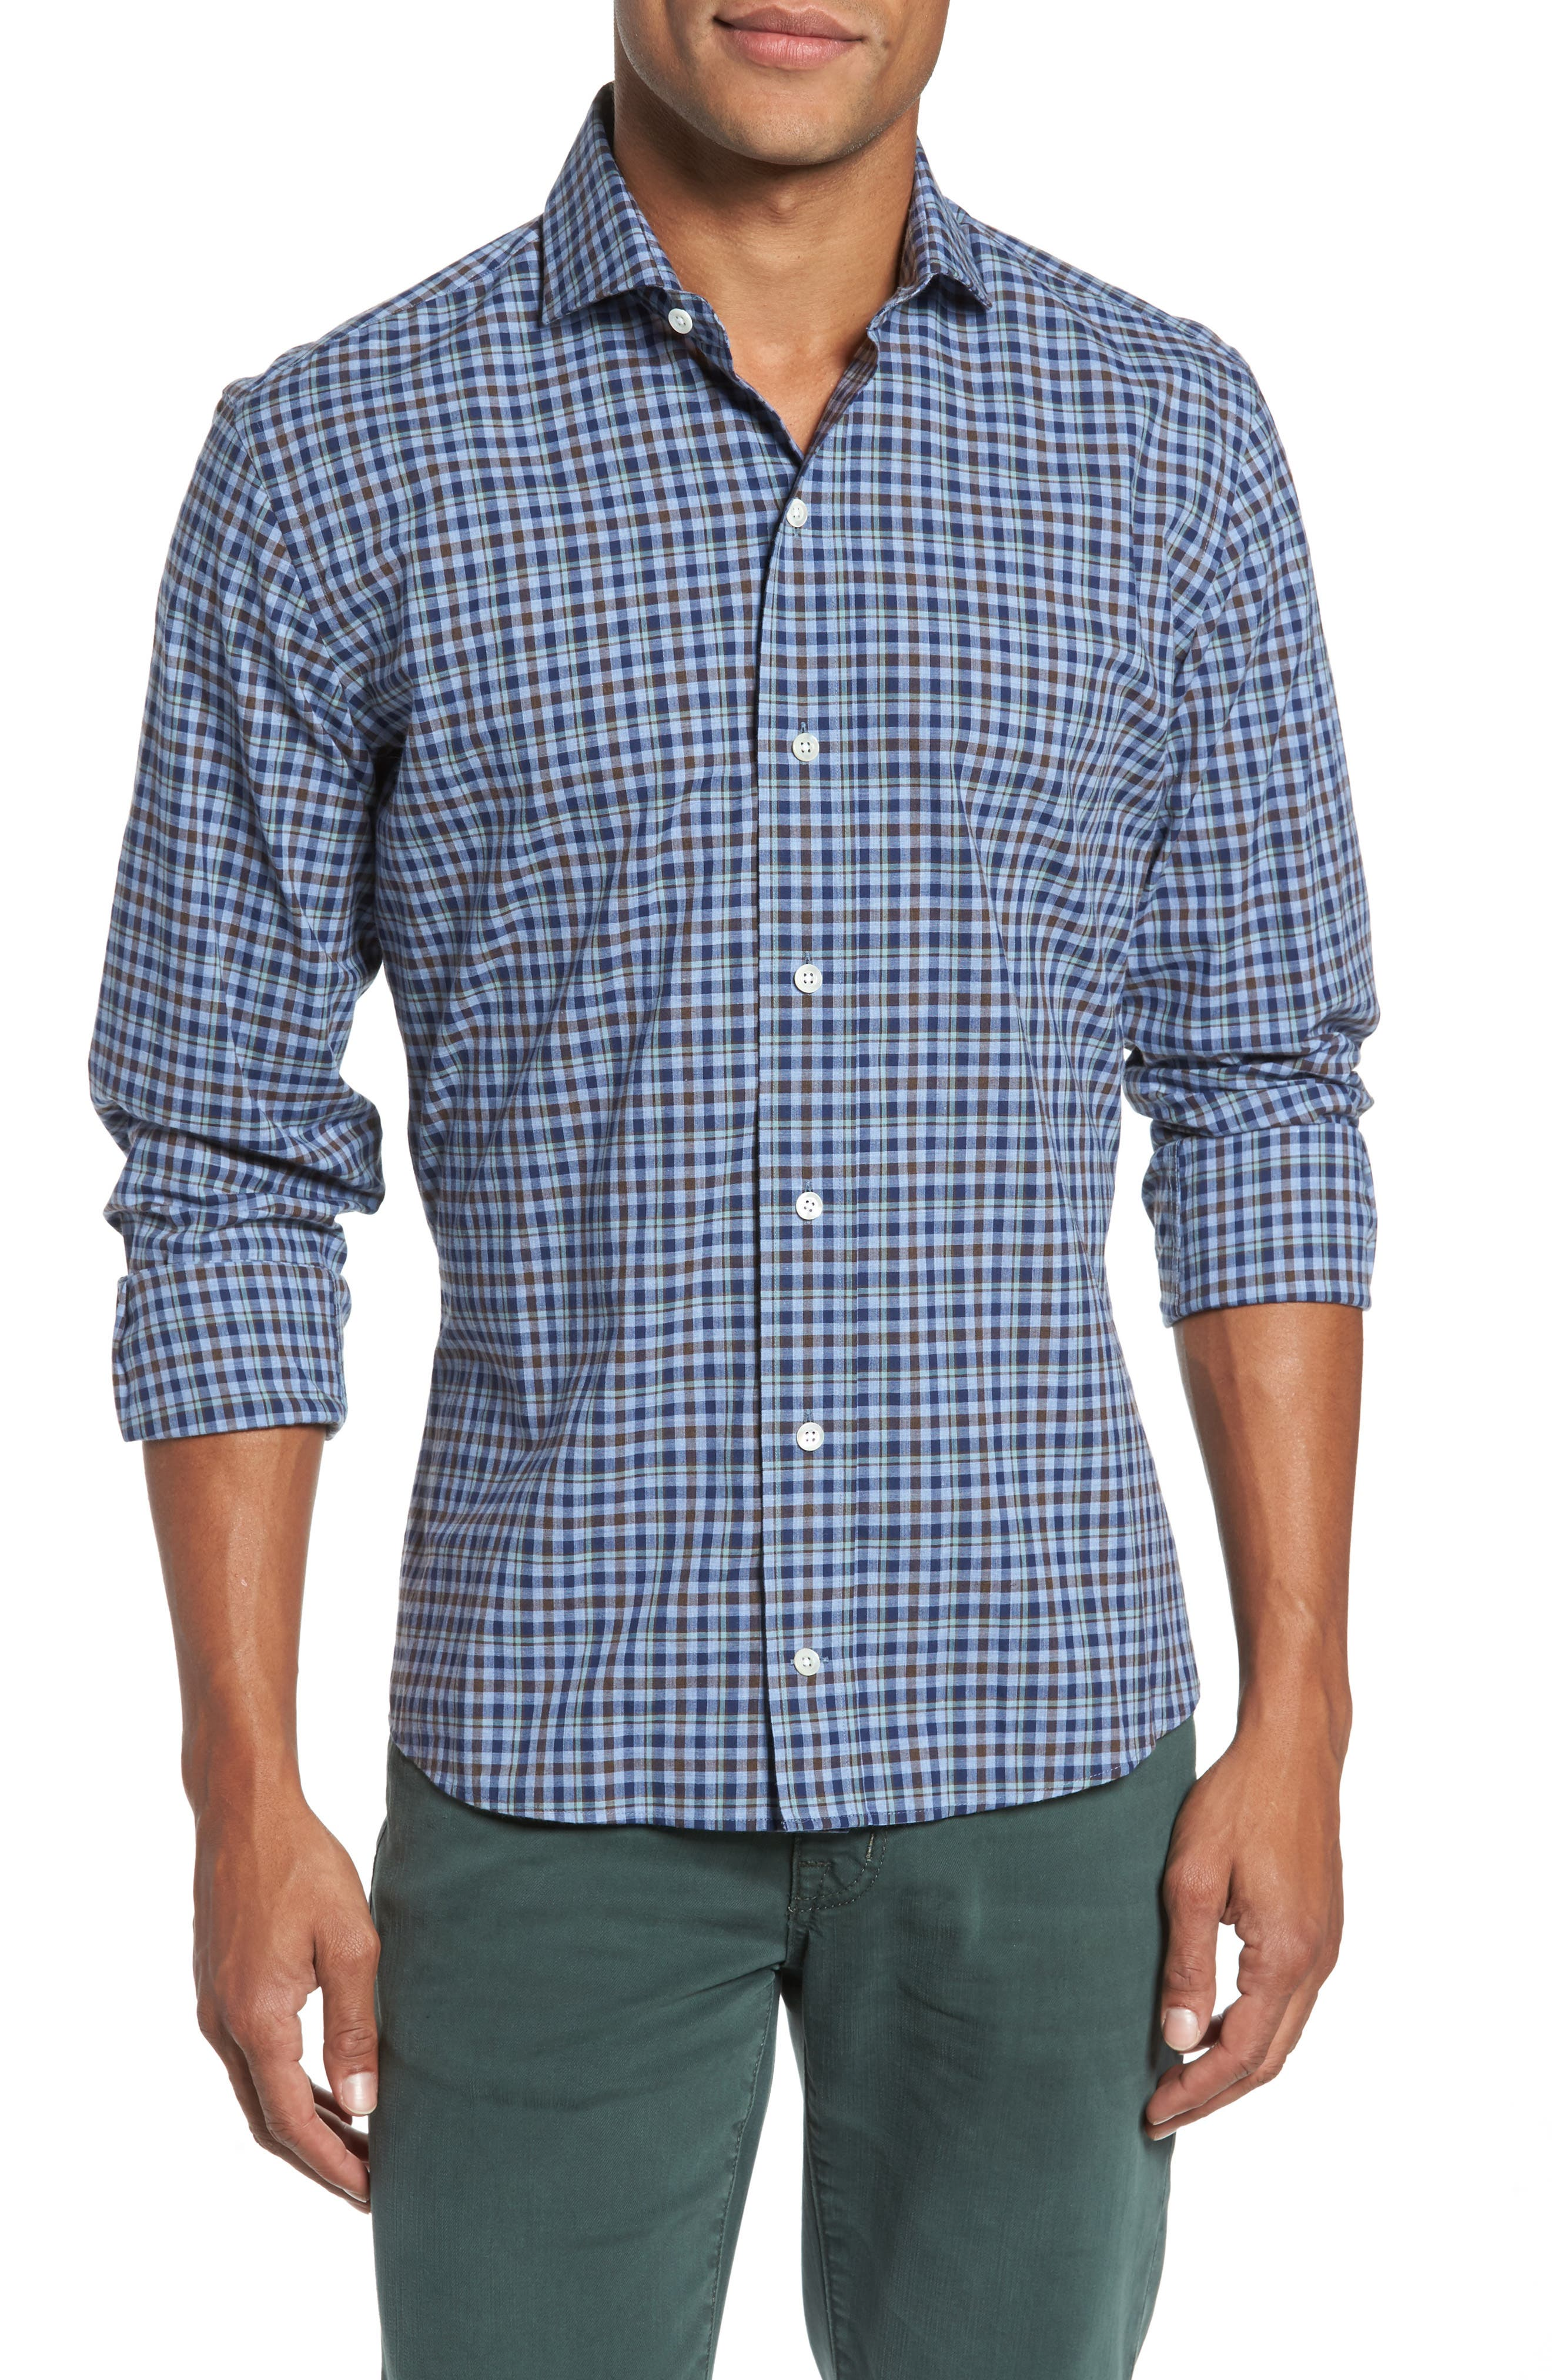 Alden Slim Fit Plaid Sport Shirt,                         Main,                         color, Blue